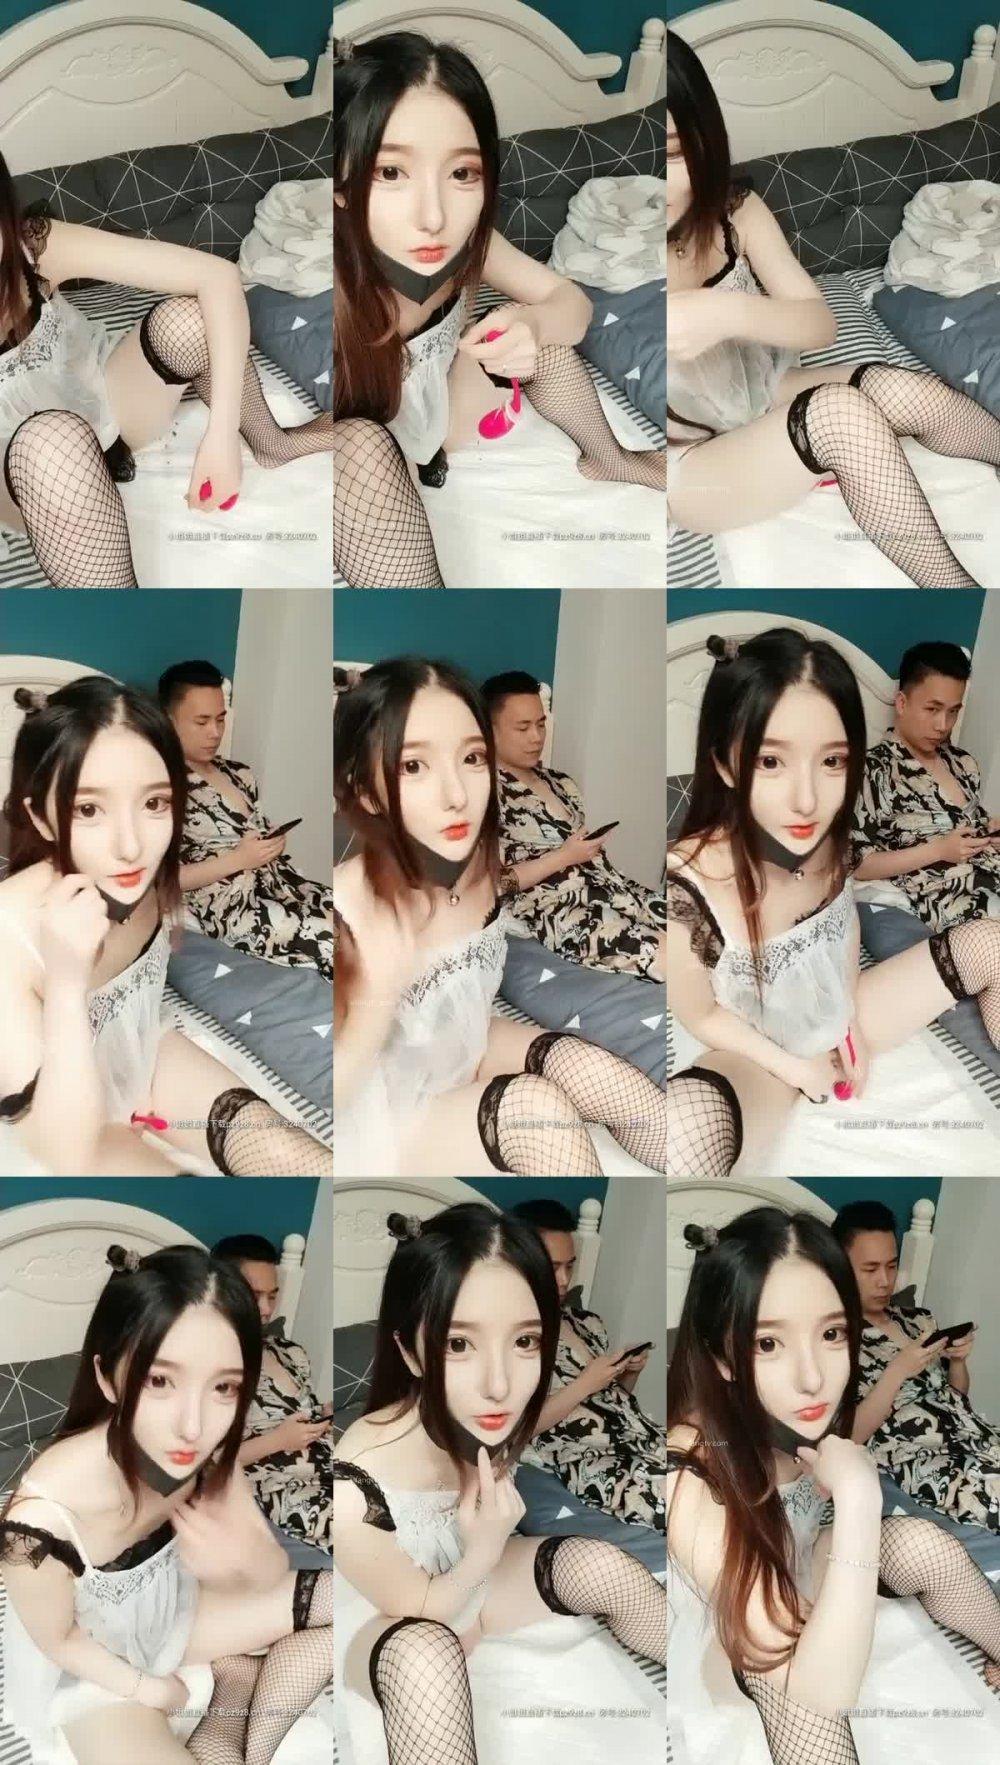 【線上x20】最新流出網紅可愛卡哇伊漂亮萌妹子自慰全收錄